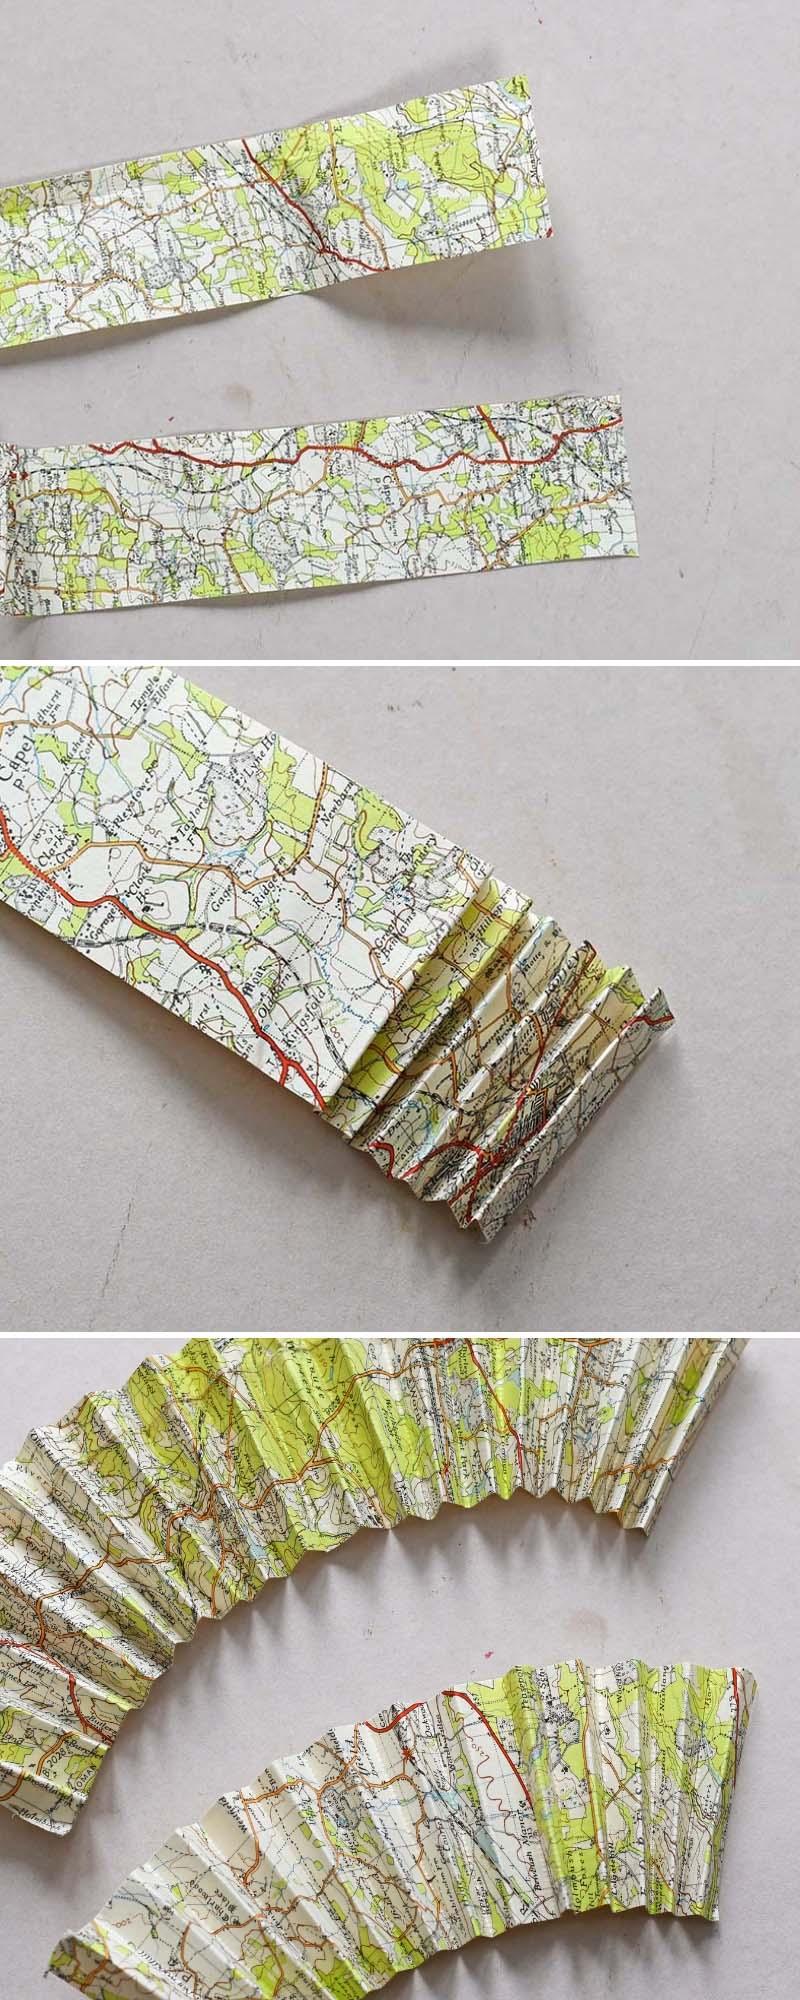 Concertina folding maps